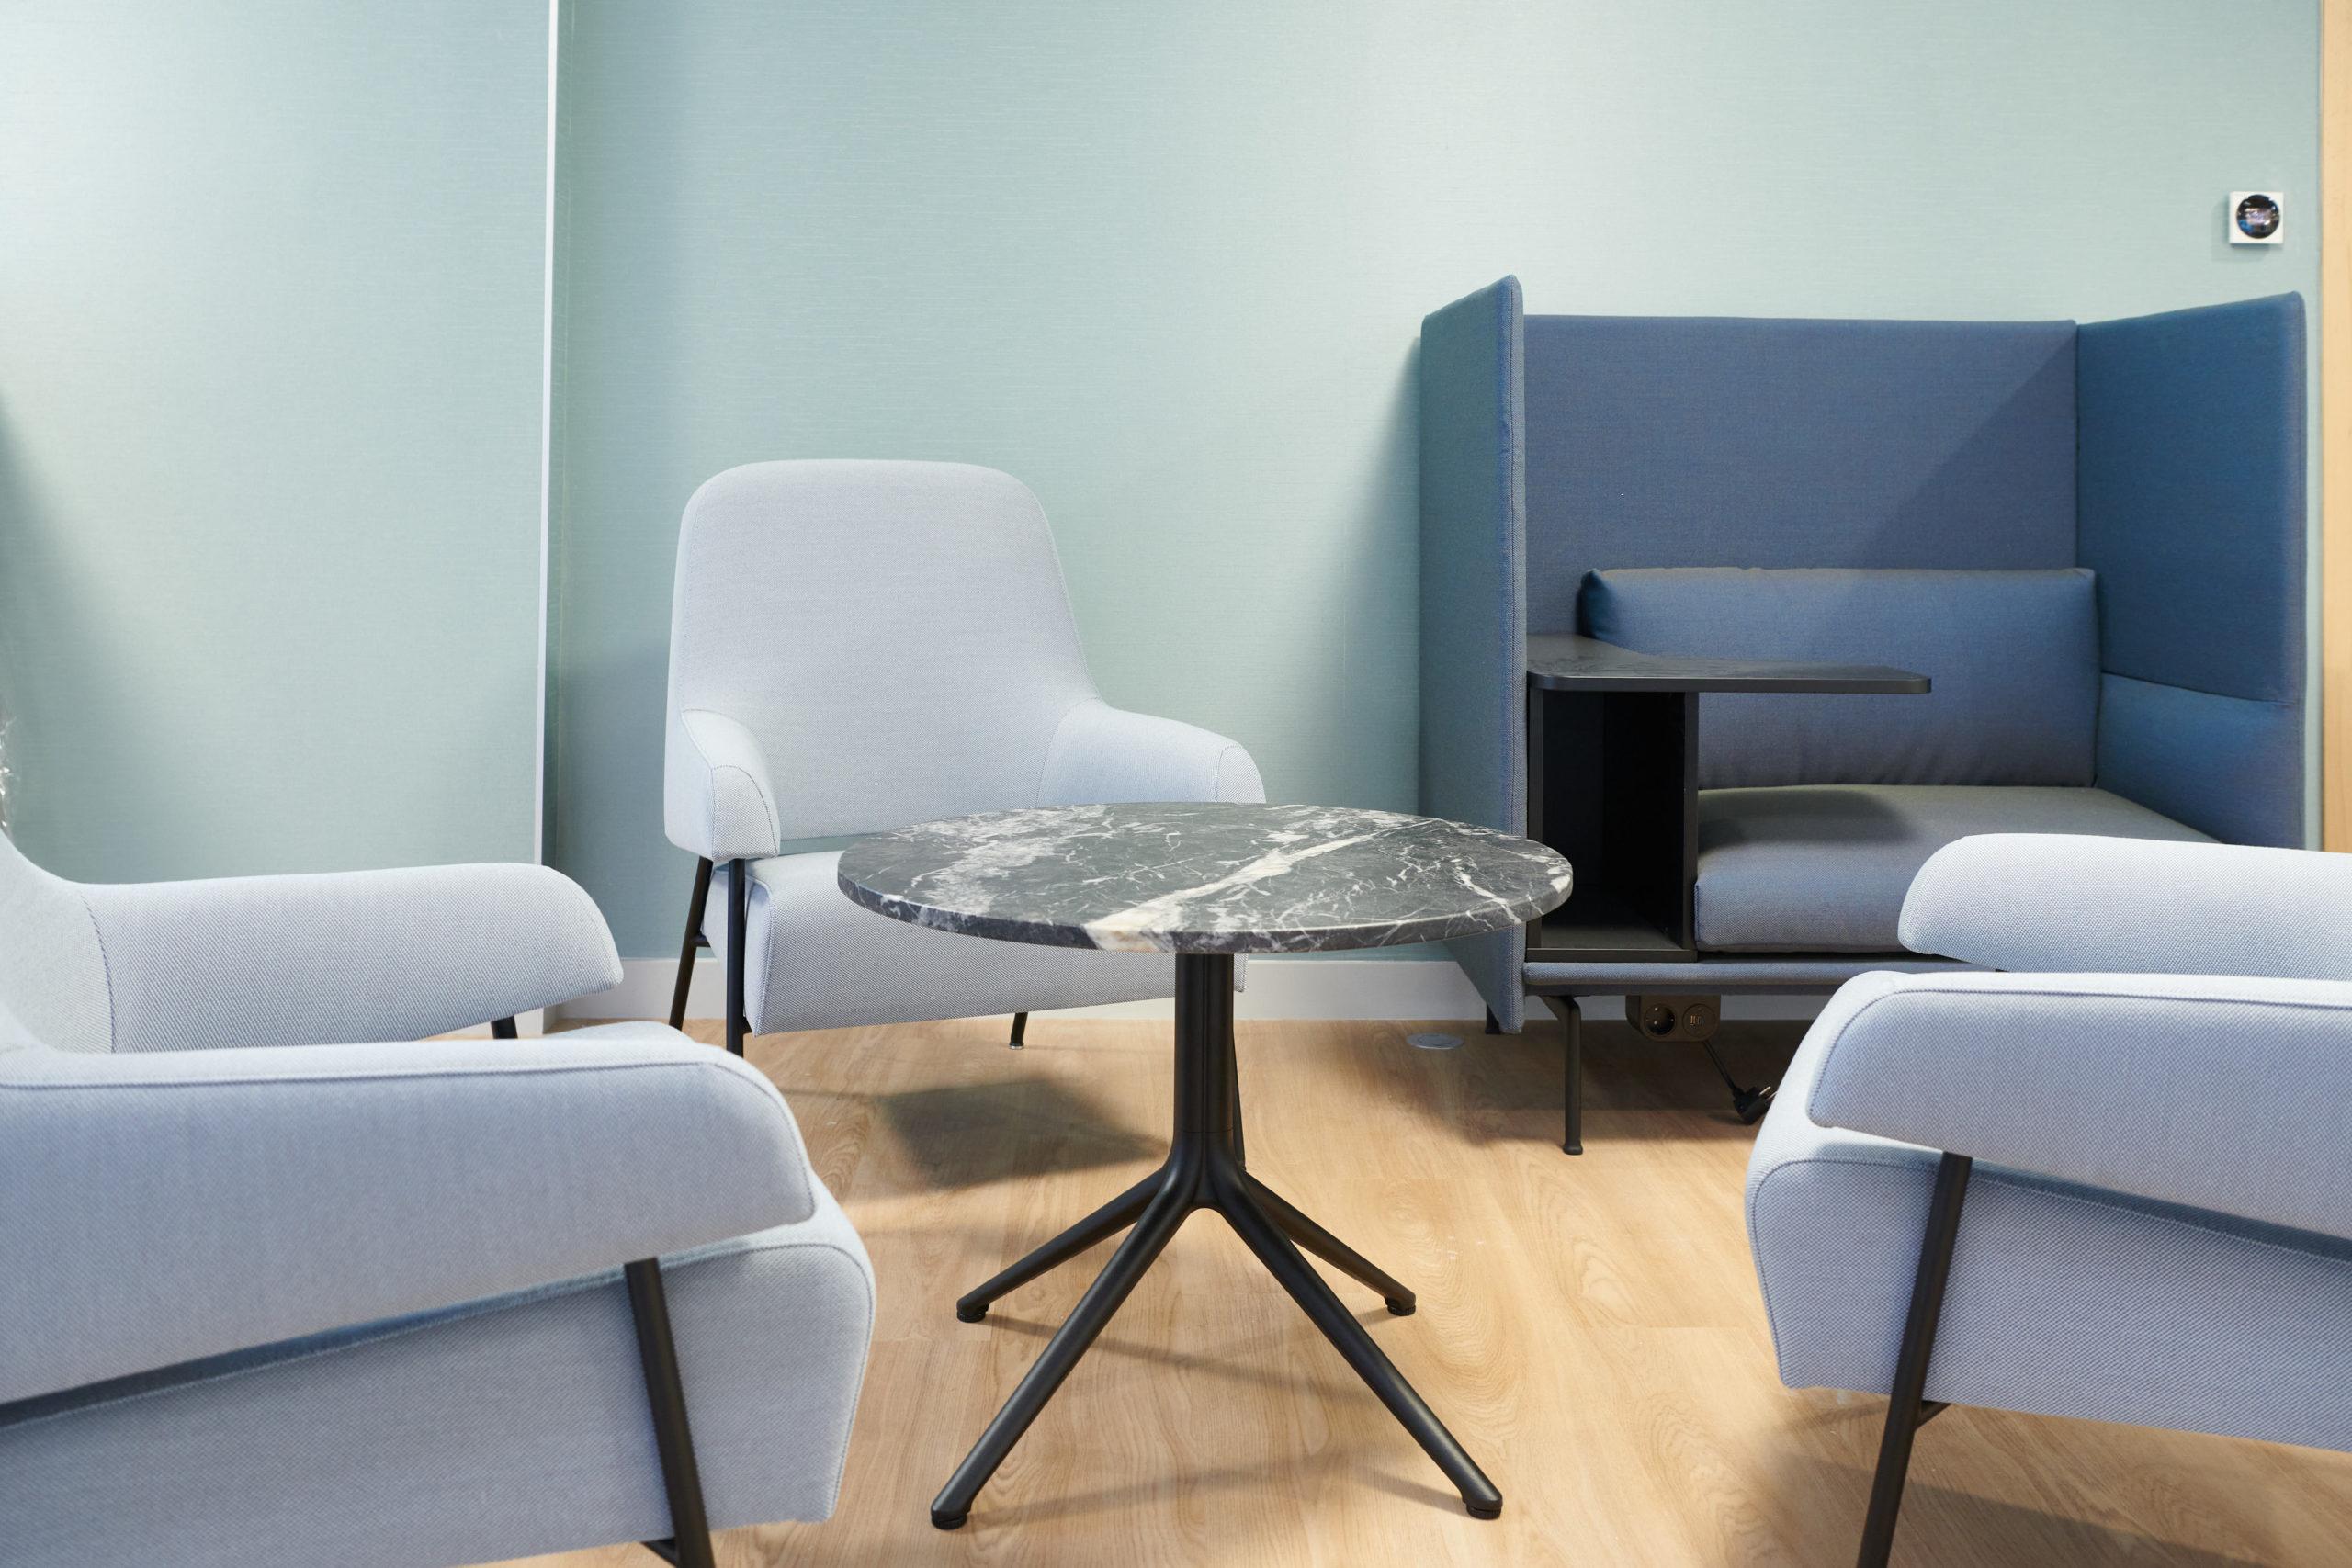 Skema-table basse marbre-cabine acoustique-fauteuil lounge